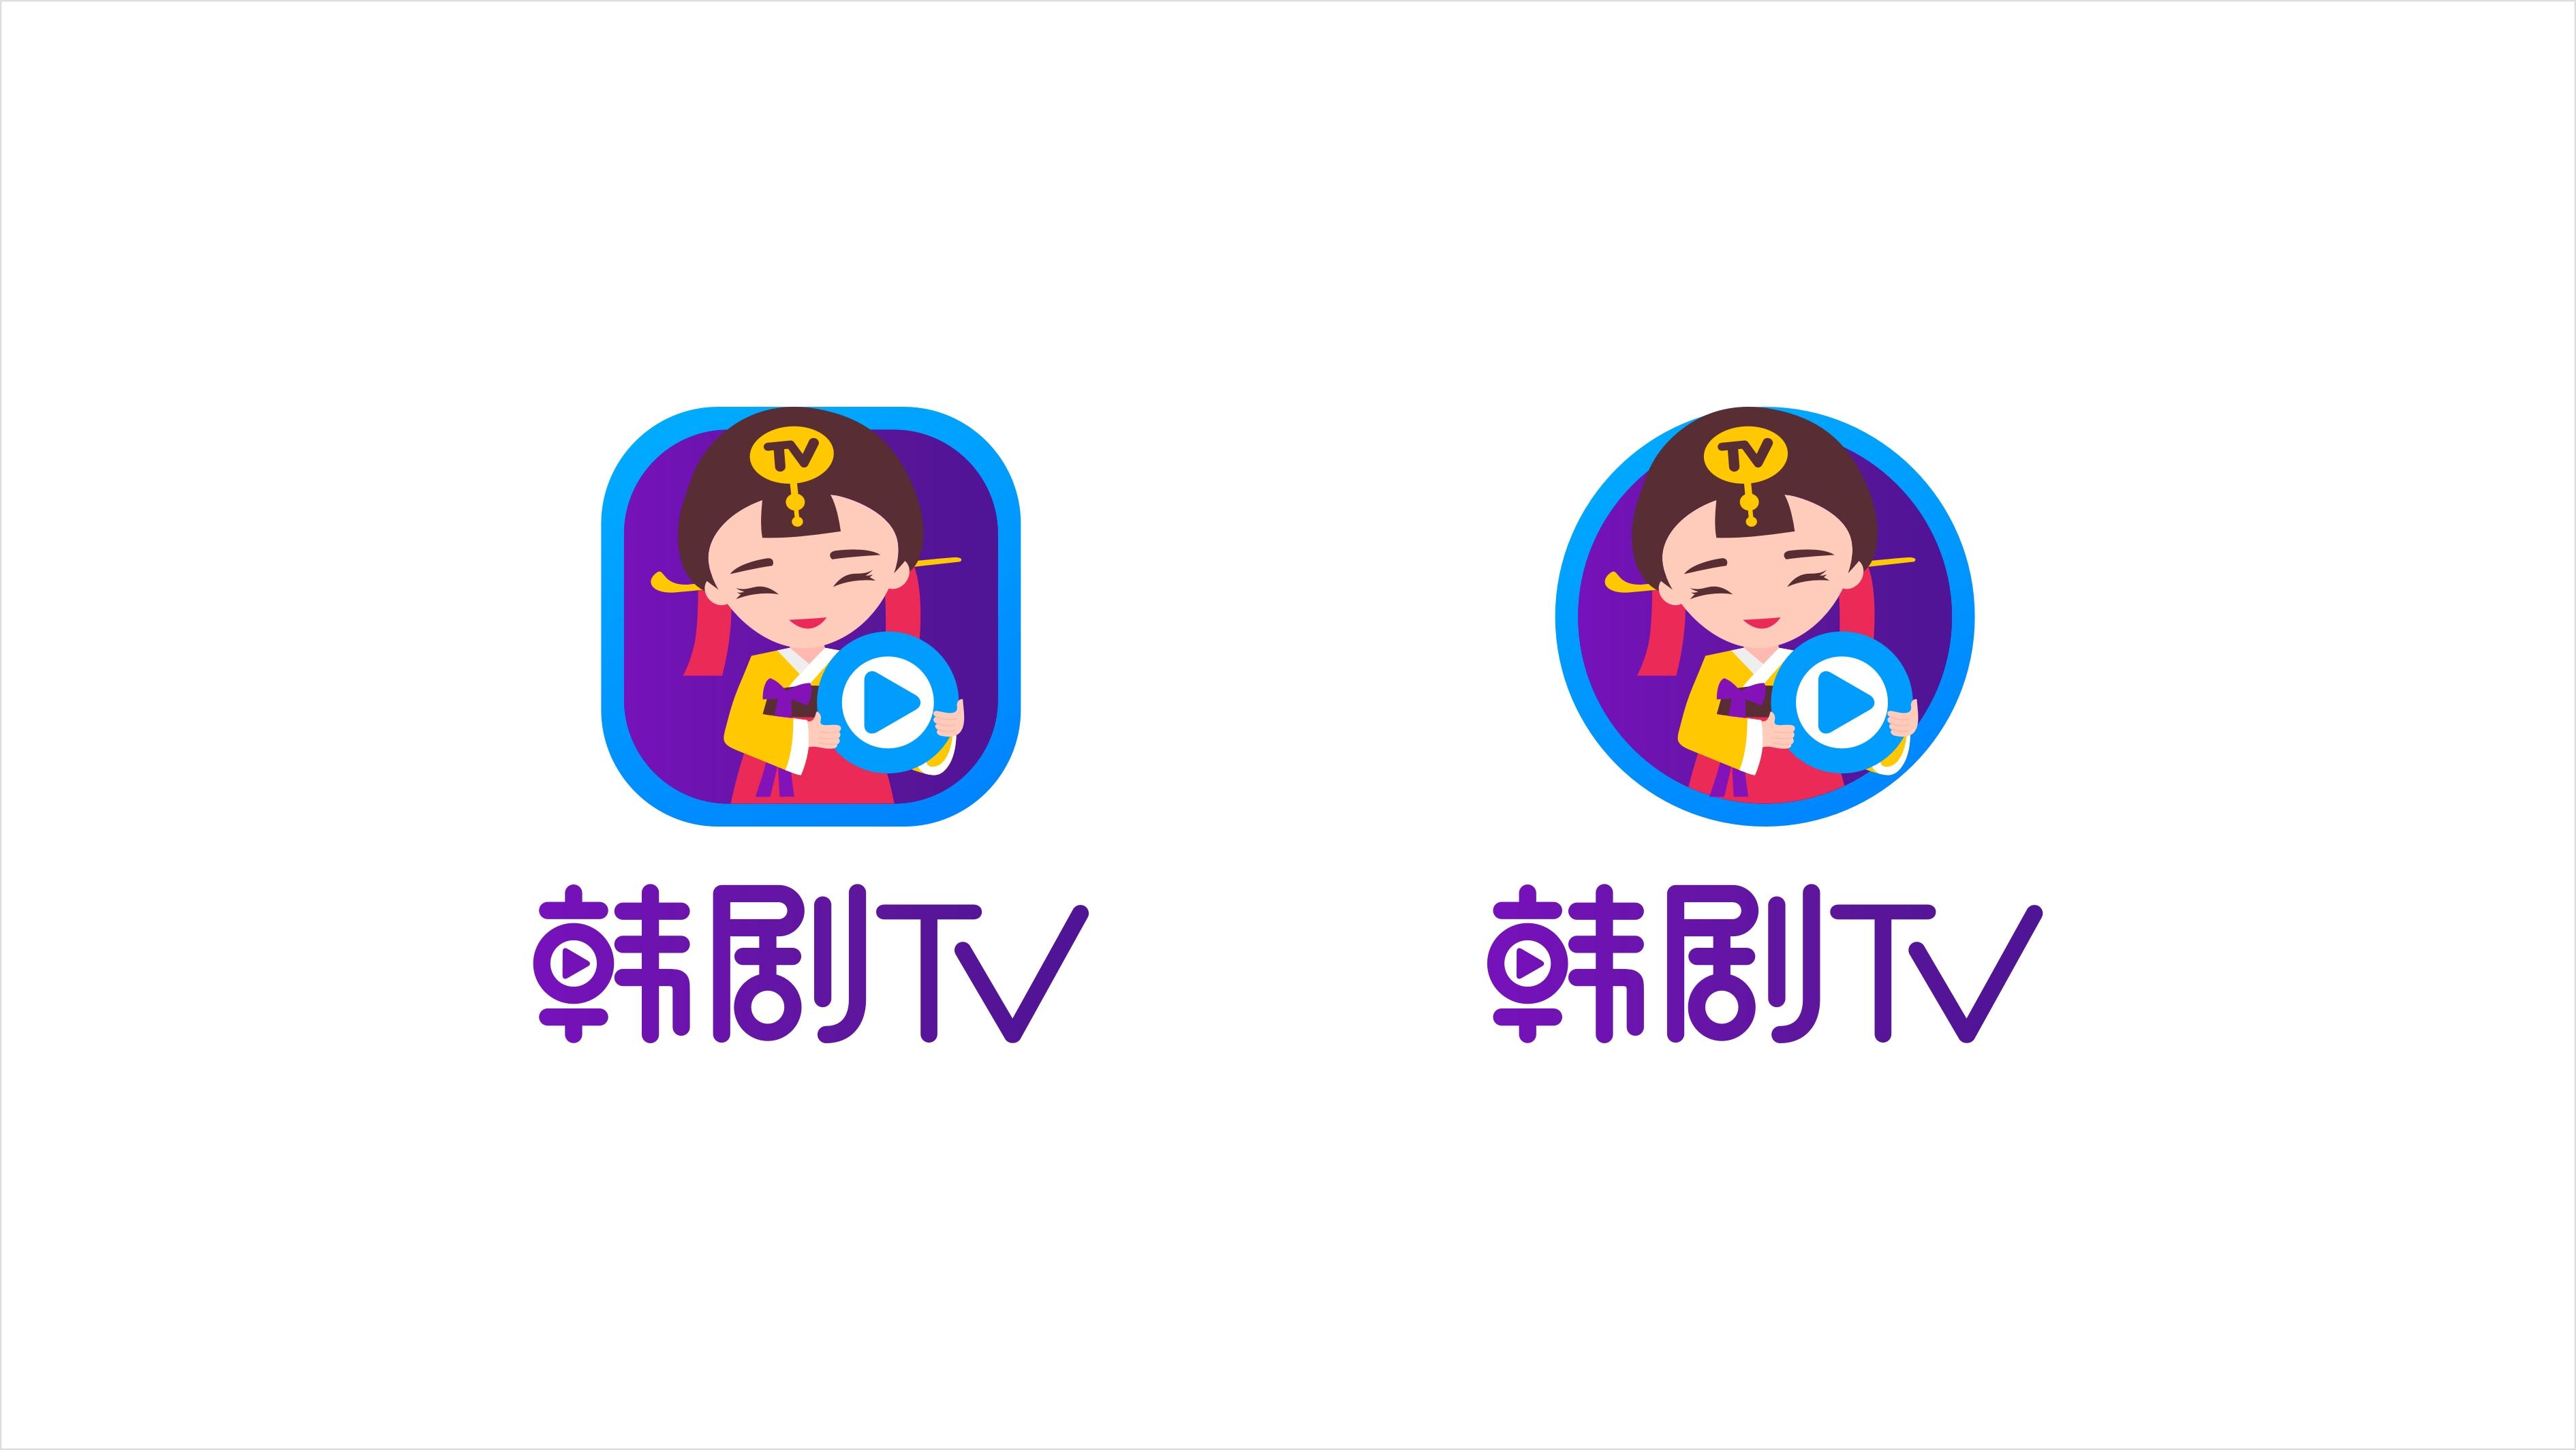 韩剧TV LOGO设计